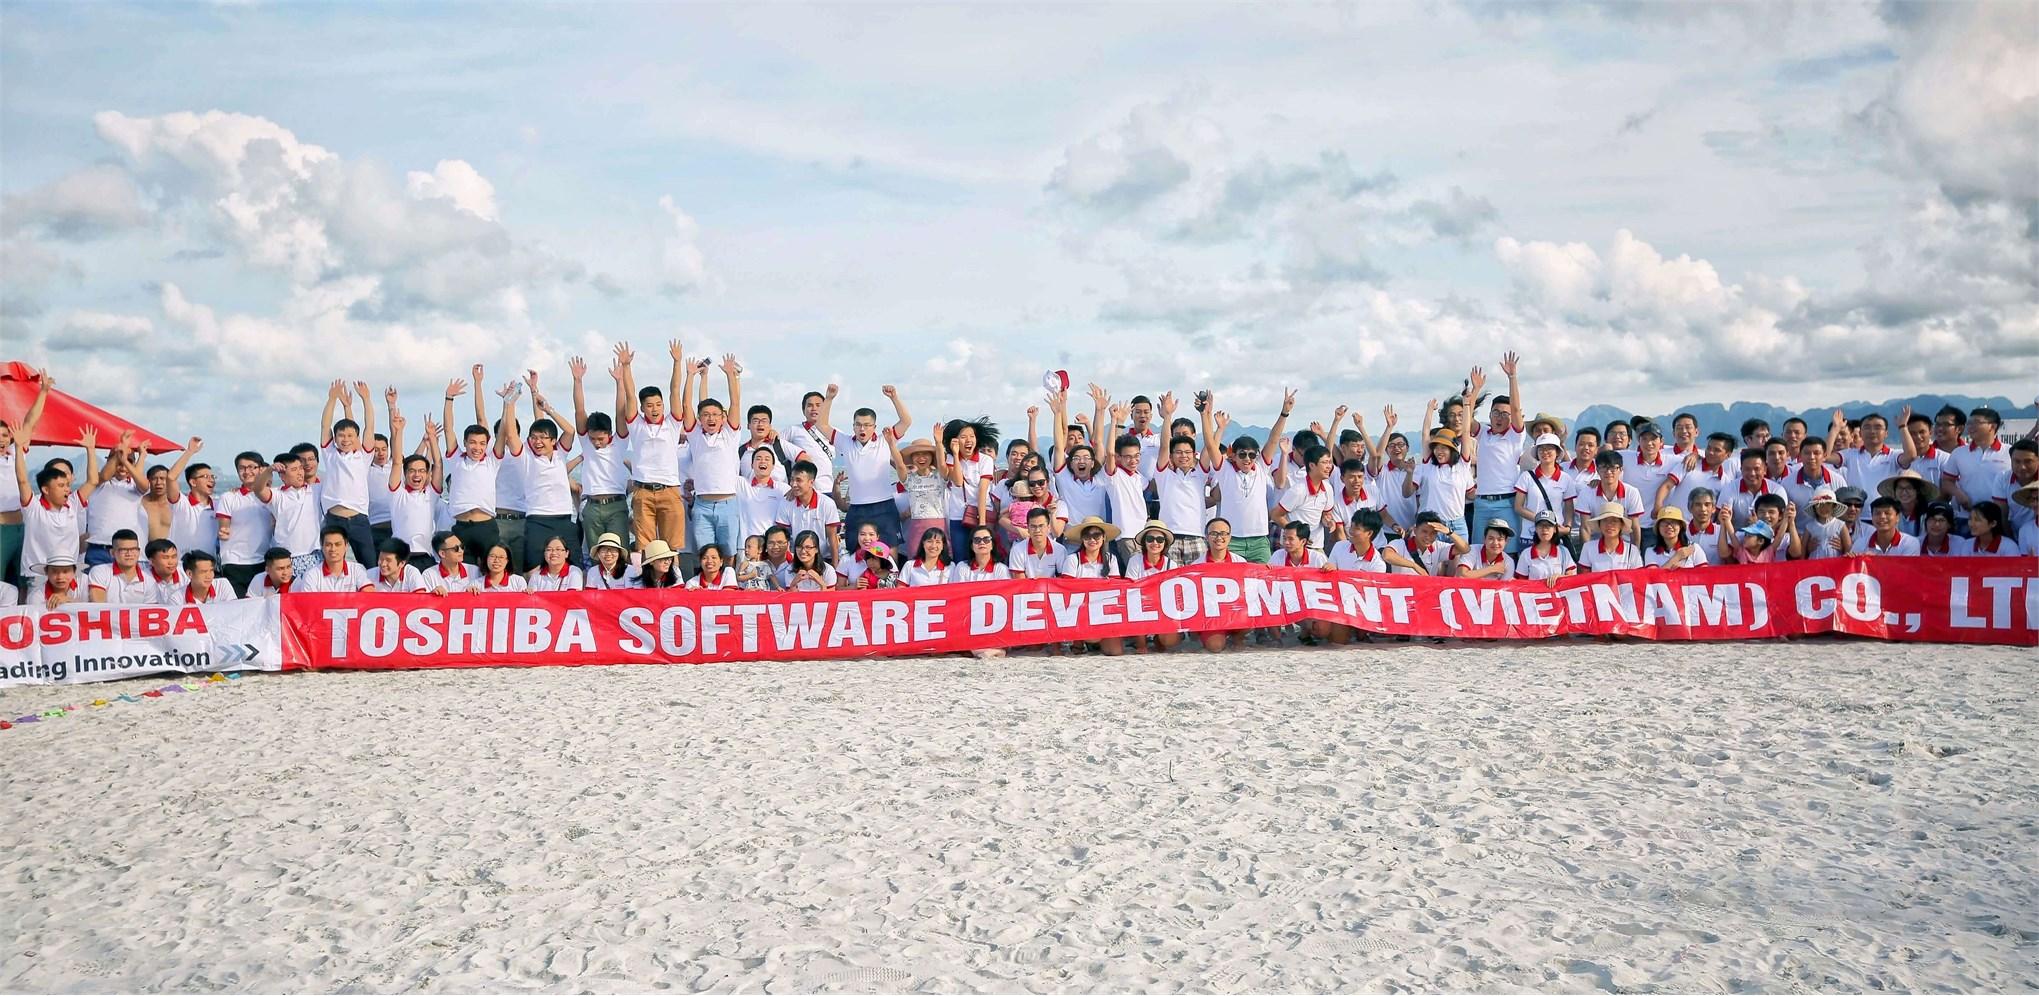 Hội thảo cơ hội thực tập, việc làm của Công ty TNHH Phát triển phần mềm Toshiba Việt Nam